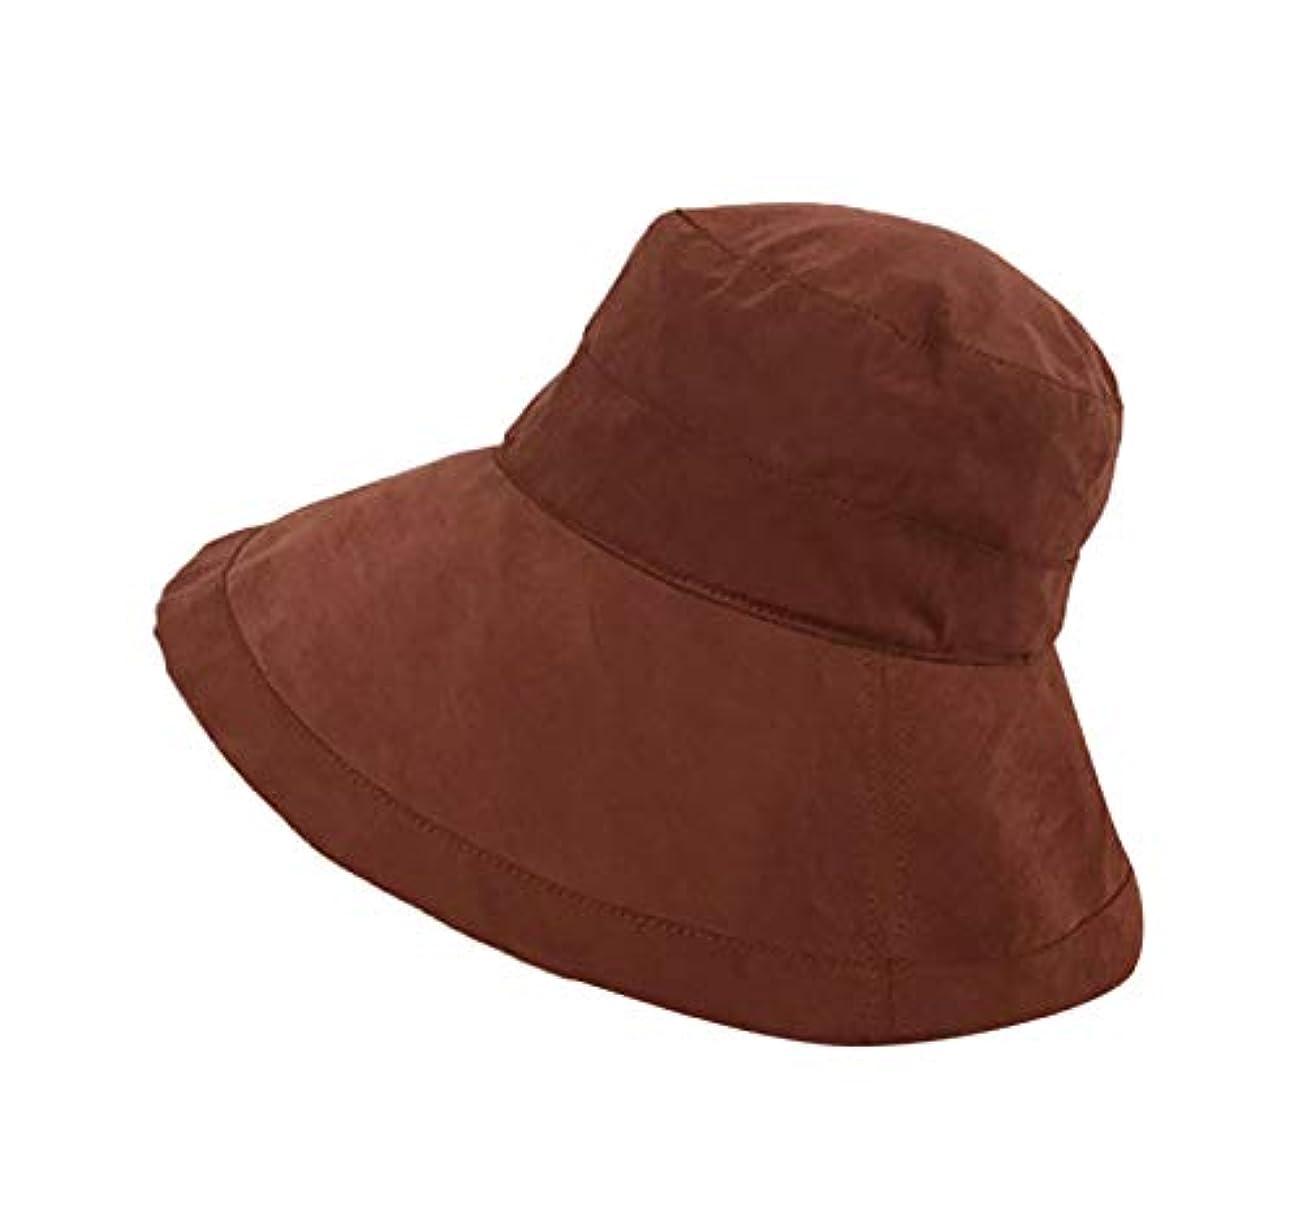 本体スタンド聞きますVertily  女性の男性のための春と夏の日曜日の帽子、広いつばのバケツの帽子の防風釣帽子、野生の大きい漁師の帽子の女性、帽子ロールアップビーチキャップ日曜日の帽子